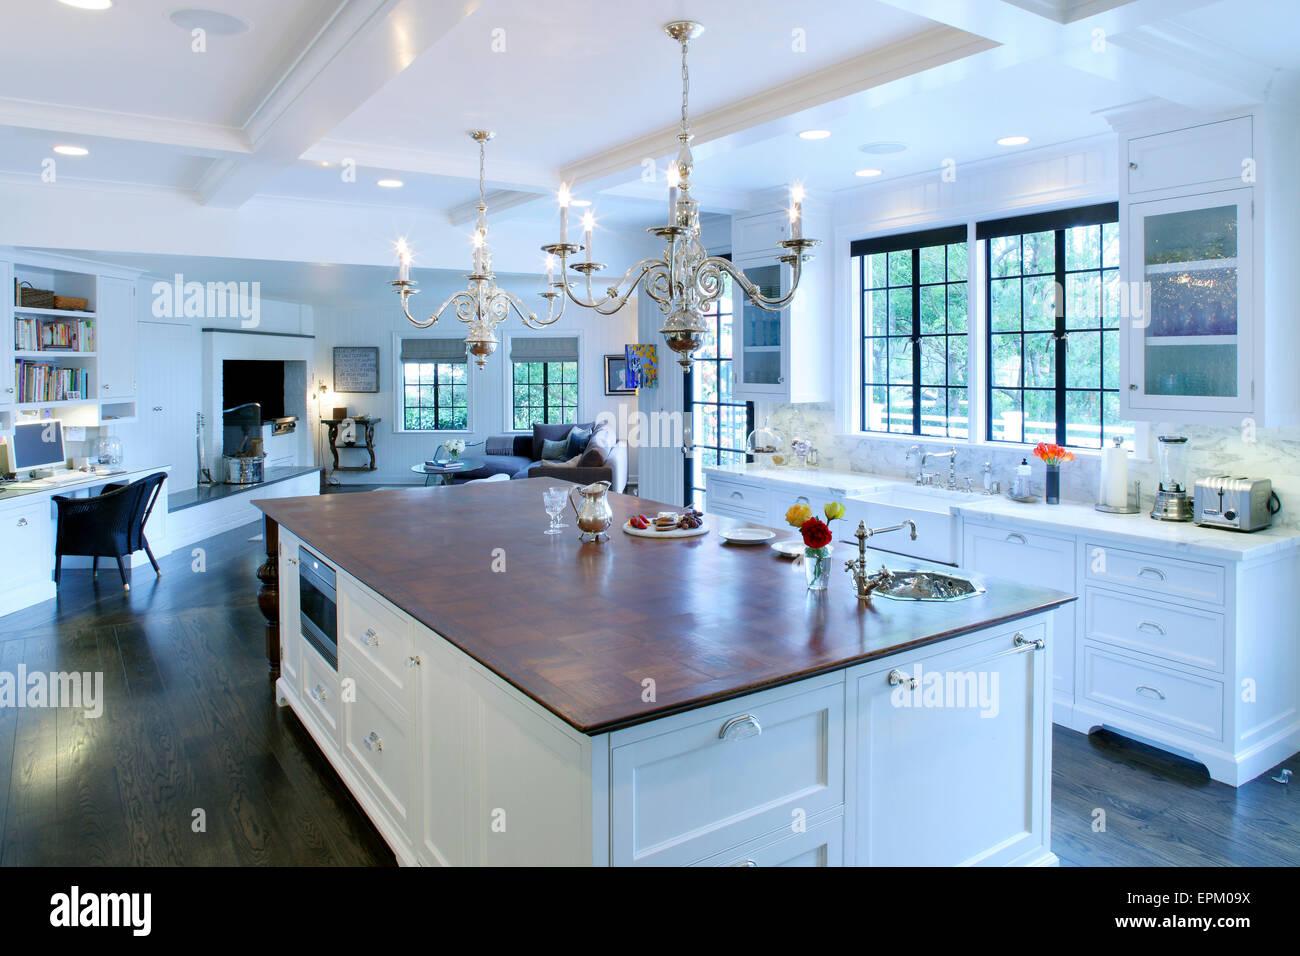 Hölzerne gekrönt Insel Gerät in große offene Küche/Wohnzimmer ...